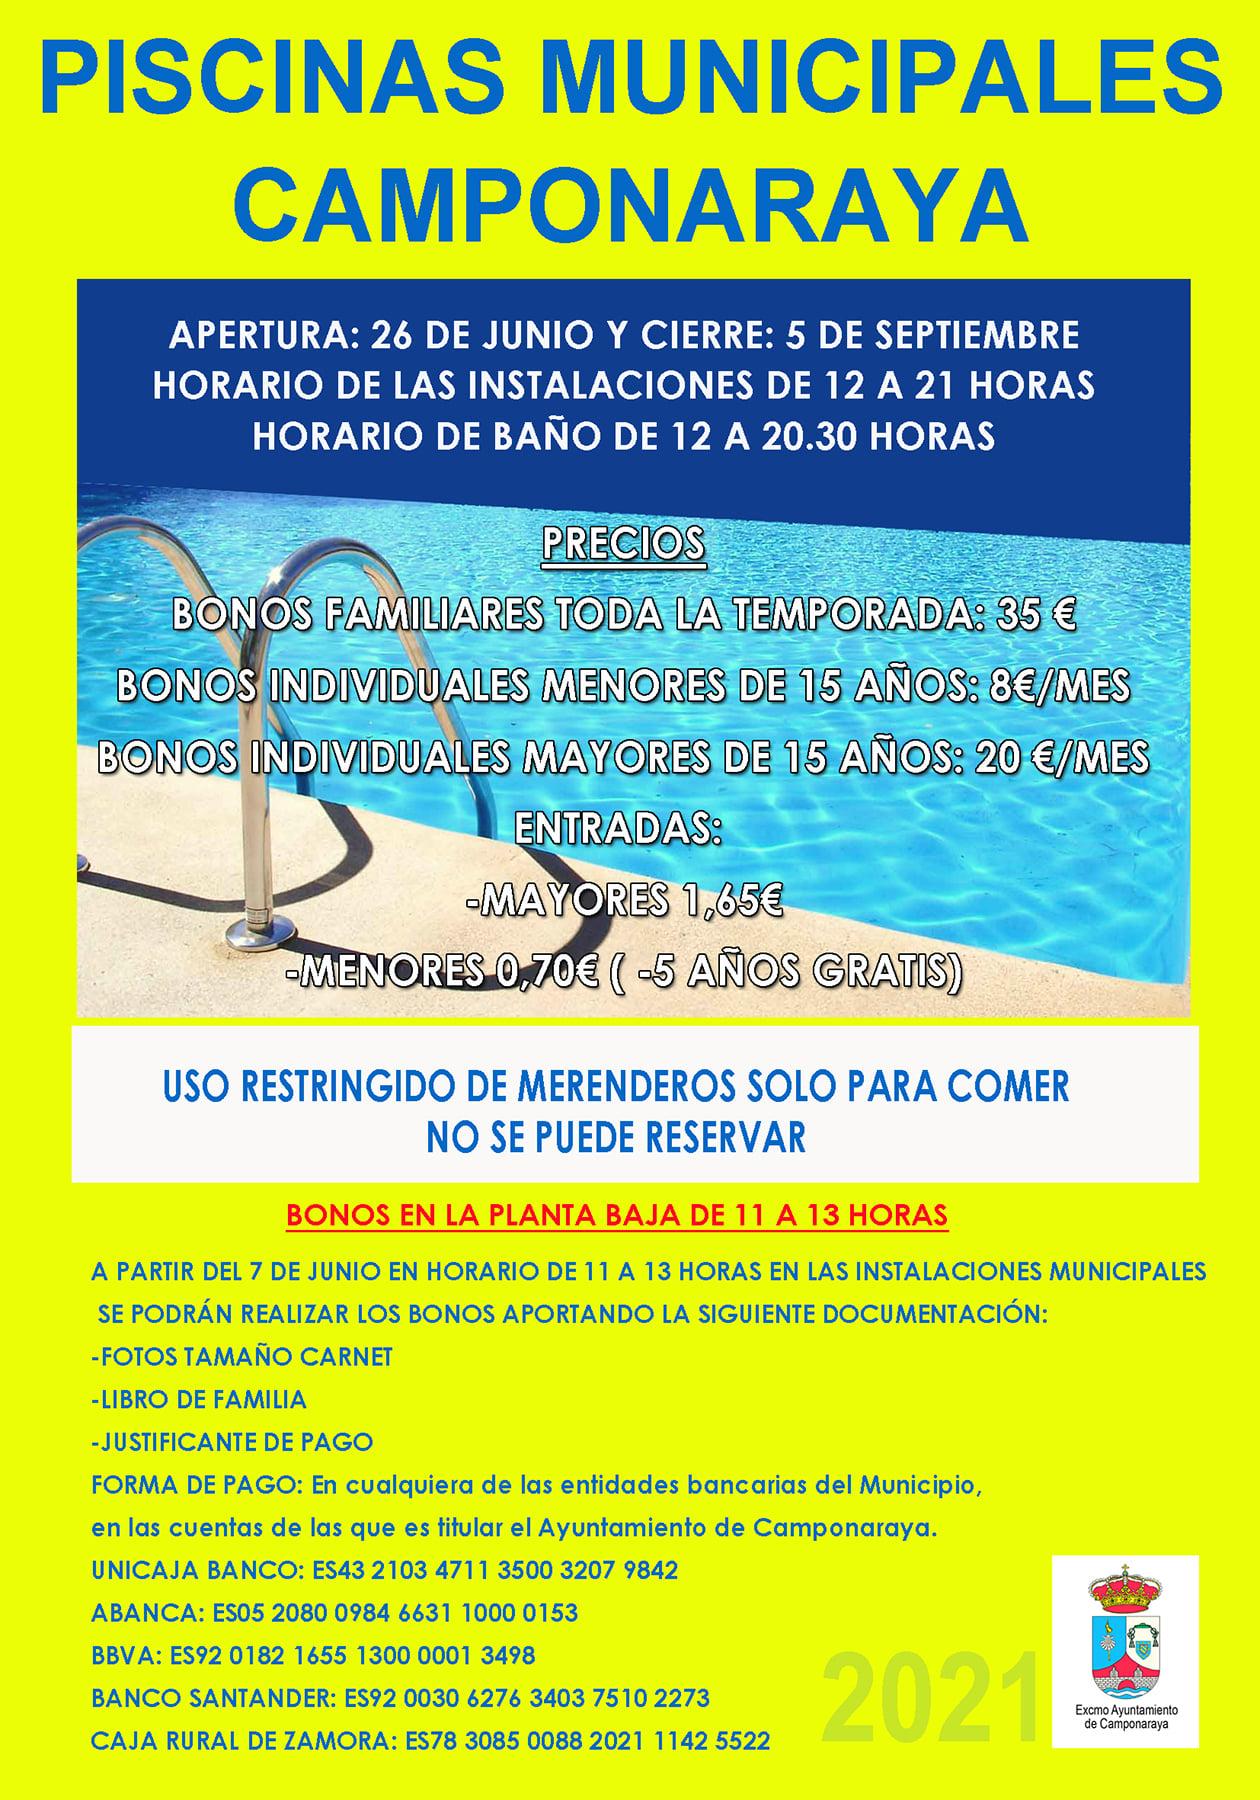 Las Piscinas Municipales de Camponaraya abren sus puertas el sábado 26 de junio 2